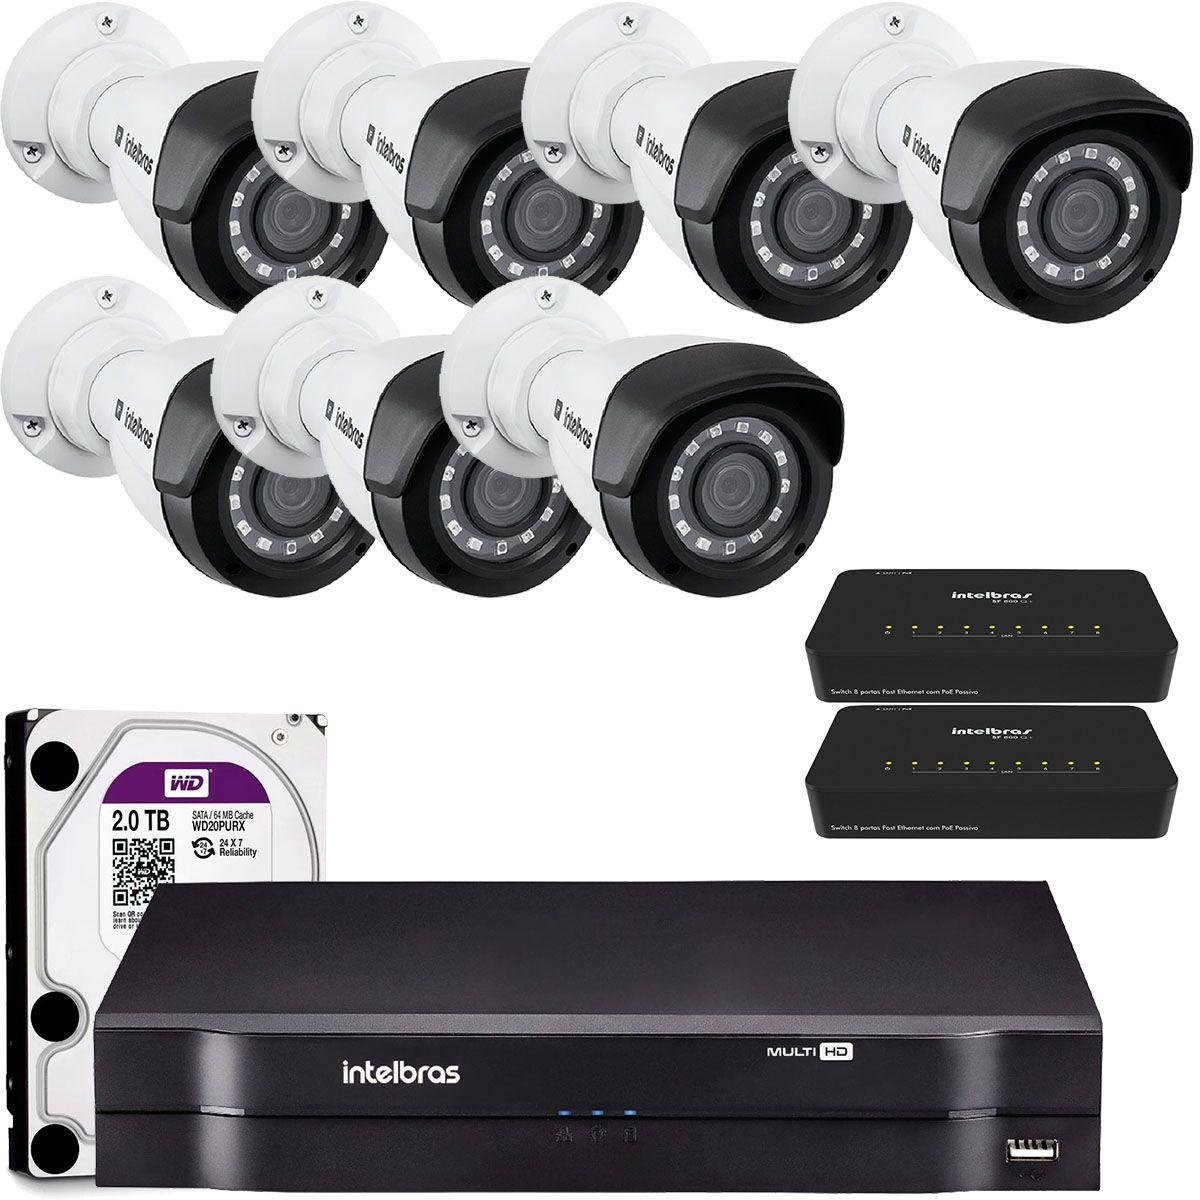 4a7f349c9 Kit Câmera Ip Intelbras com Nvd 8 Canais e Câmeras 1020 IP